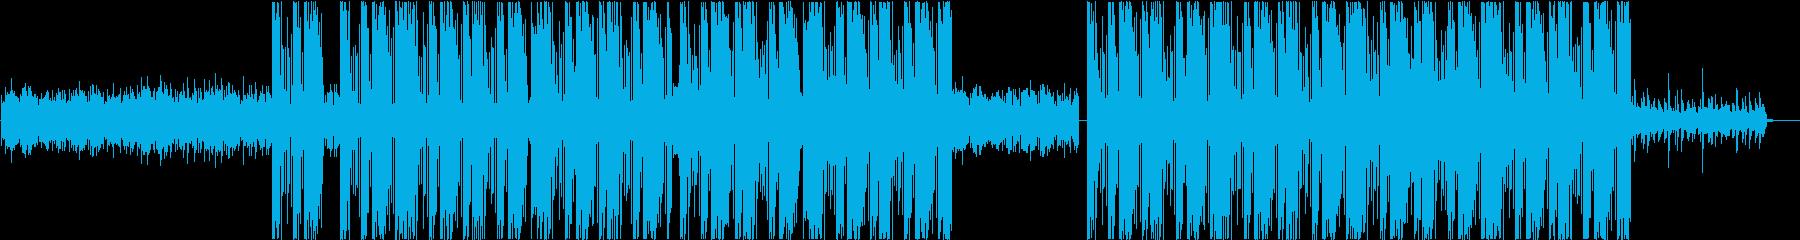 エモいクリーンギターがカッコいいTRAPの再生済みの波形